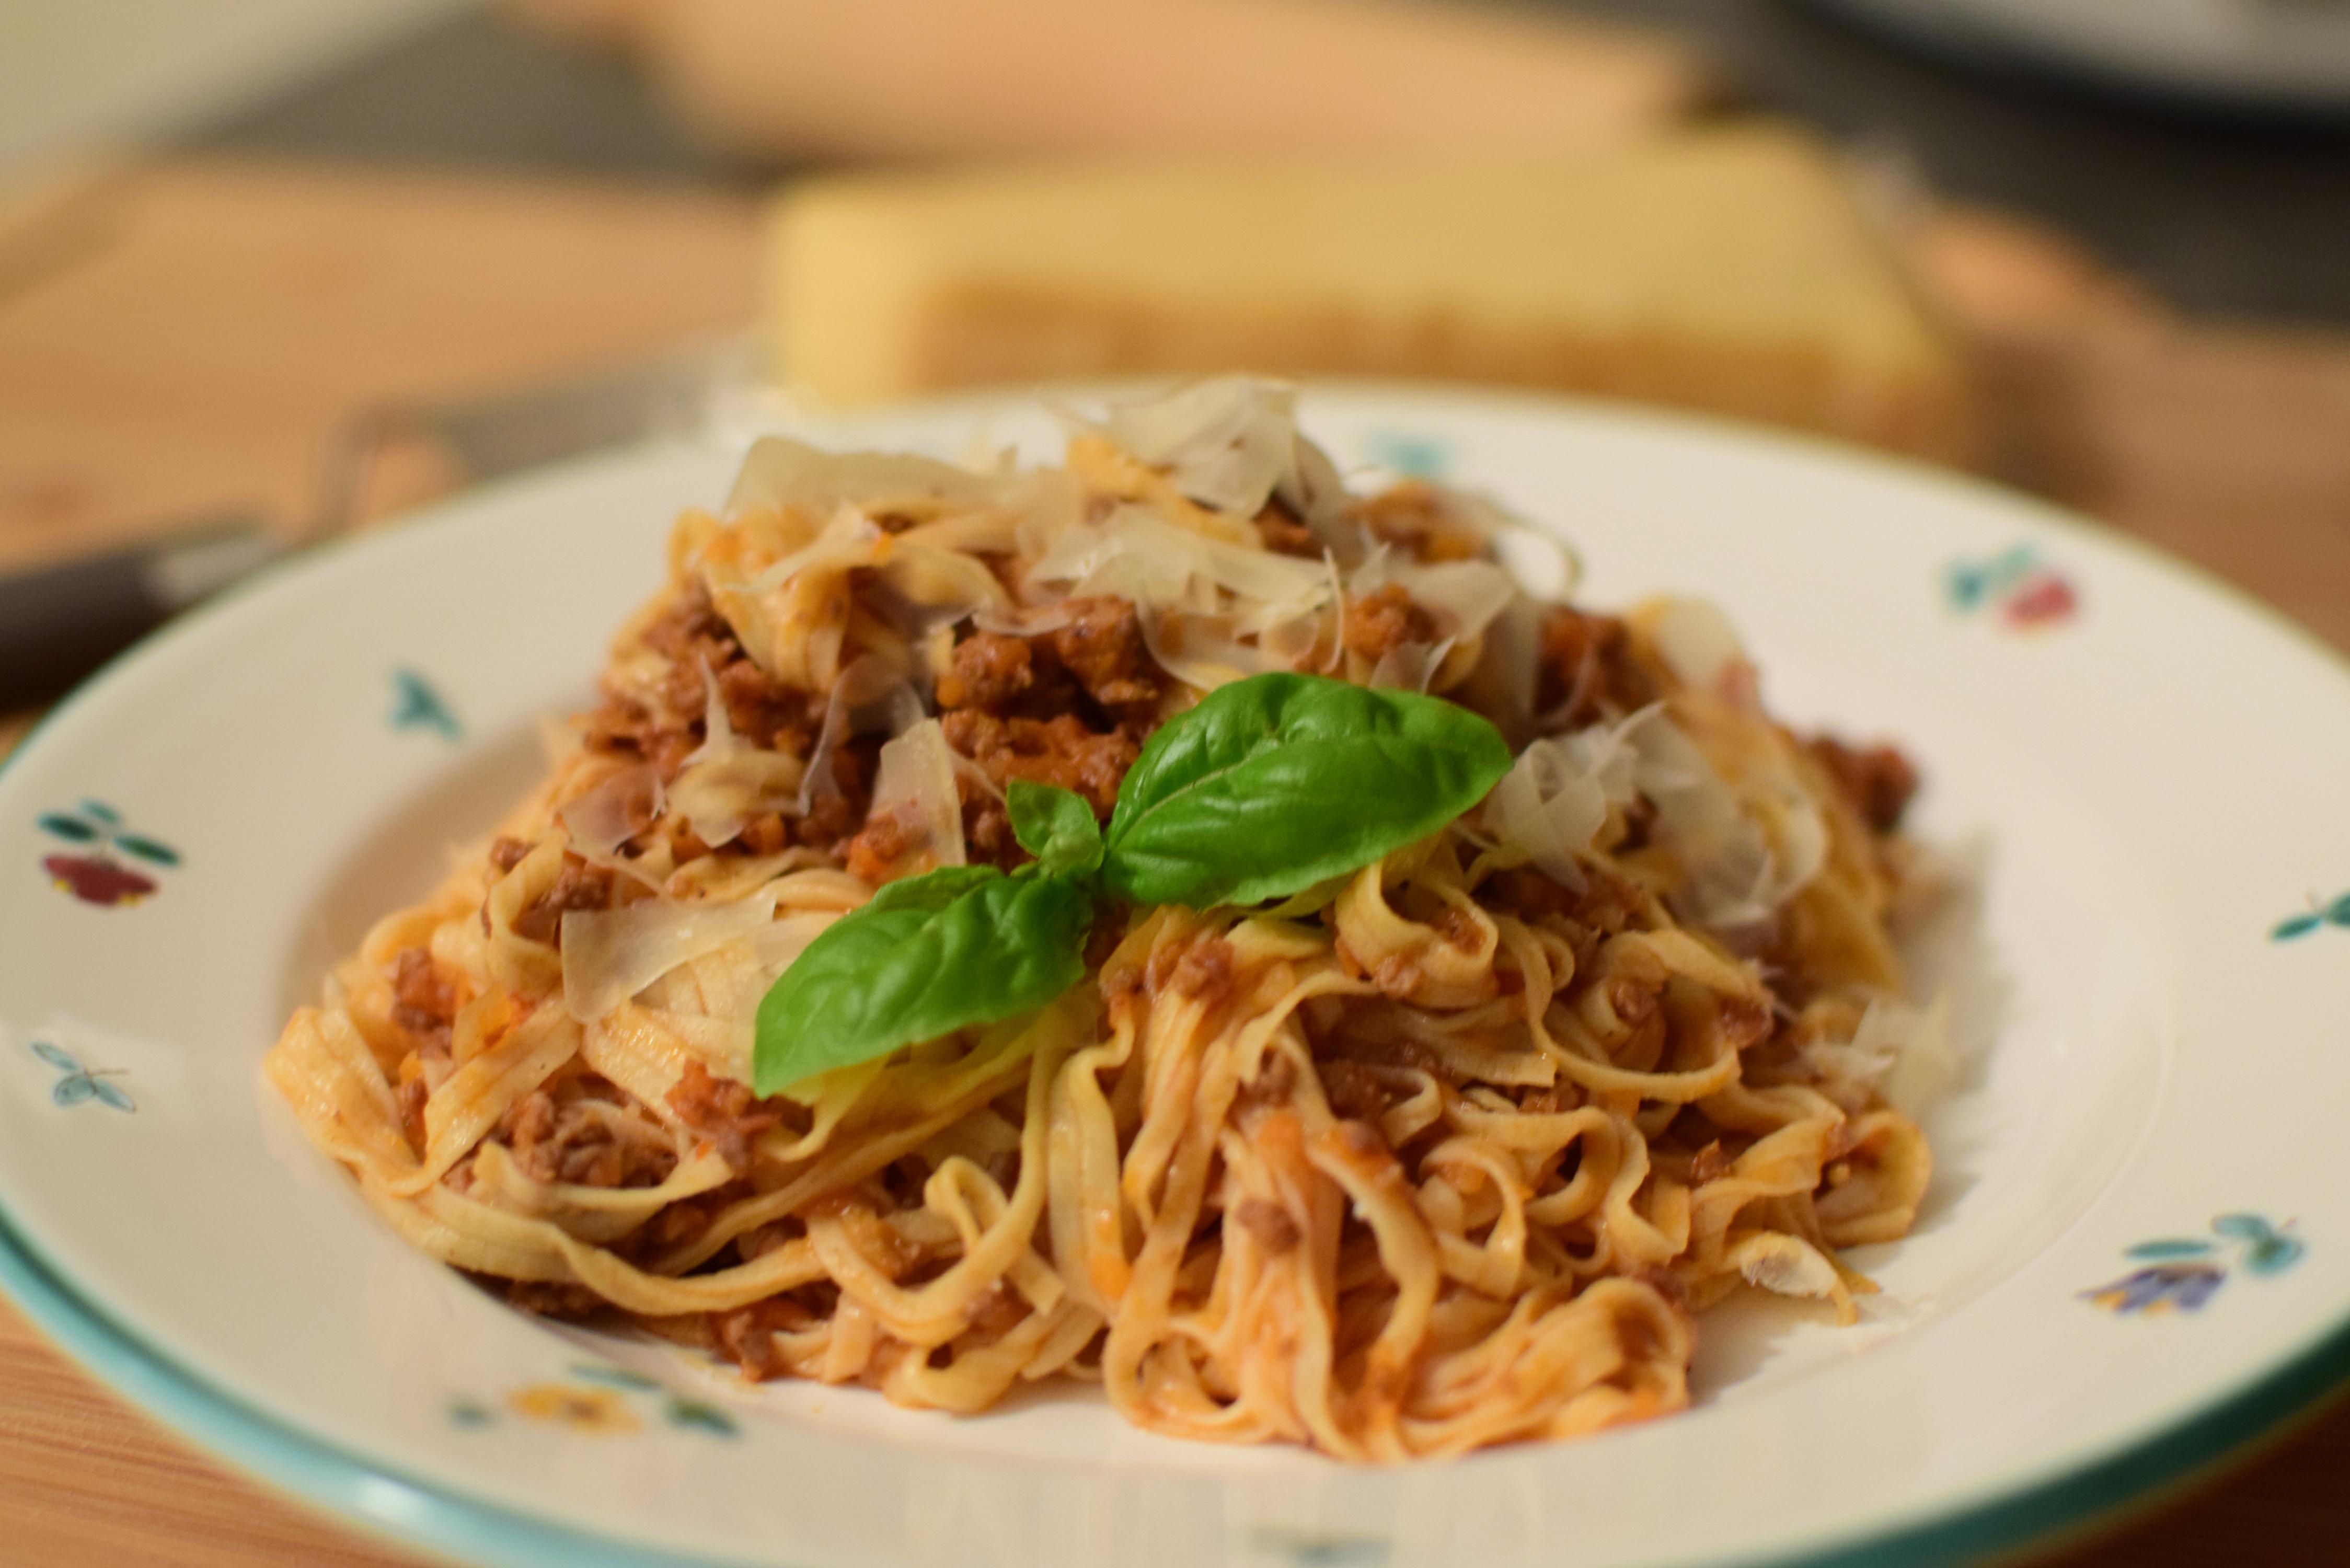 nudeln oder wie die italiener sagen pasta selber machen ist eigentlich ganz einfach claudia. Black Bedroom Furniture Sets. Home Design Ideas